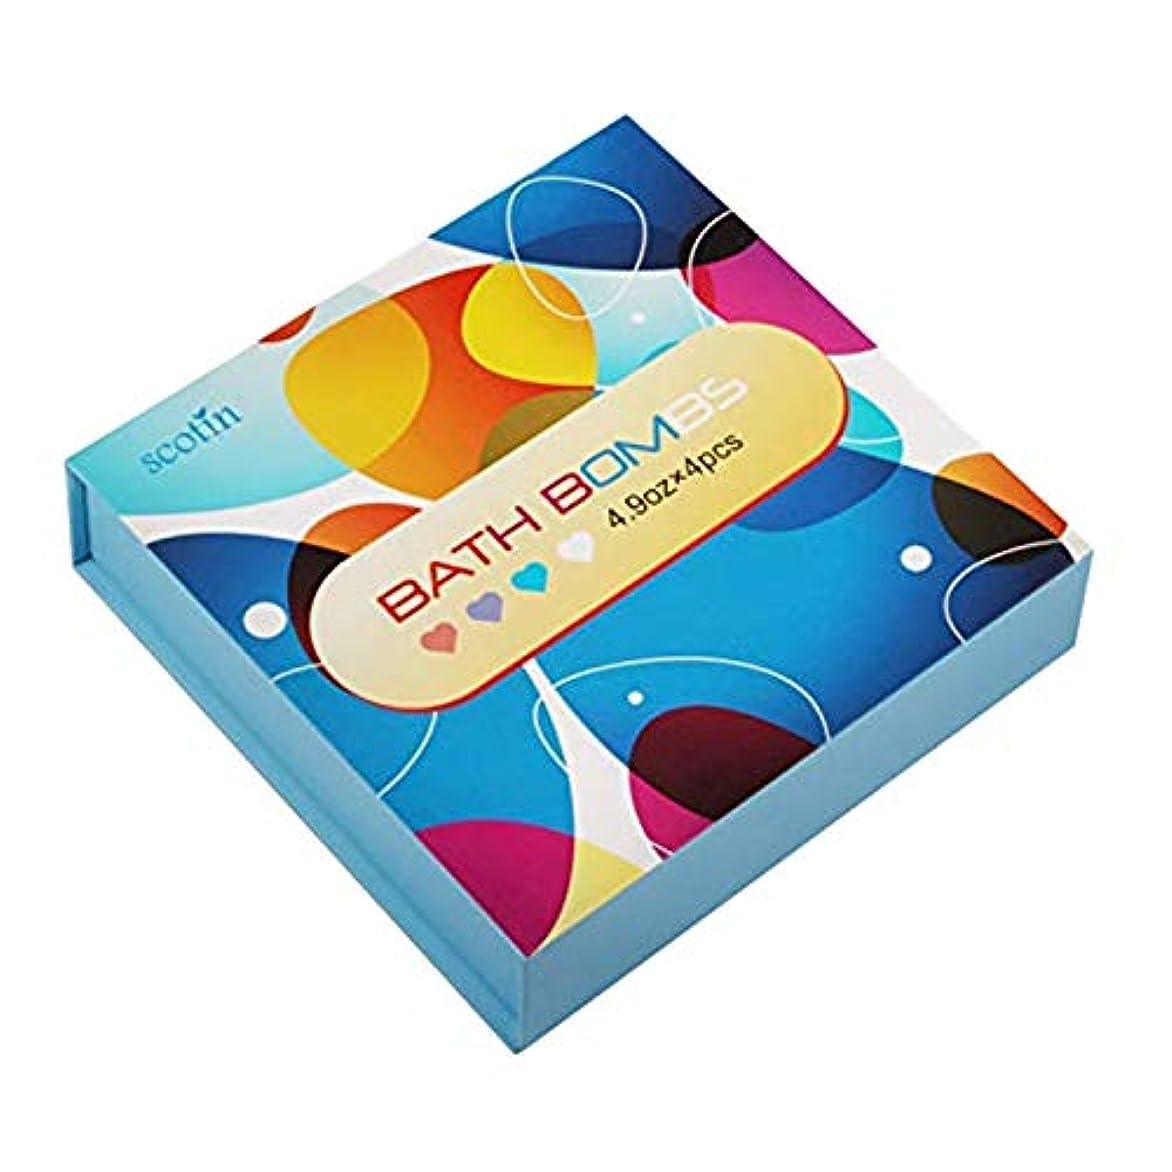 運賃標高クランプTOOGOO バスボール?ギフトセット-女性のための 4つのハート型 手作り-パーフェクト バブル&スパバス用-乾燥肌を保湿するためのエッセンシャルオイルとフレグランスオイル